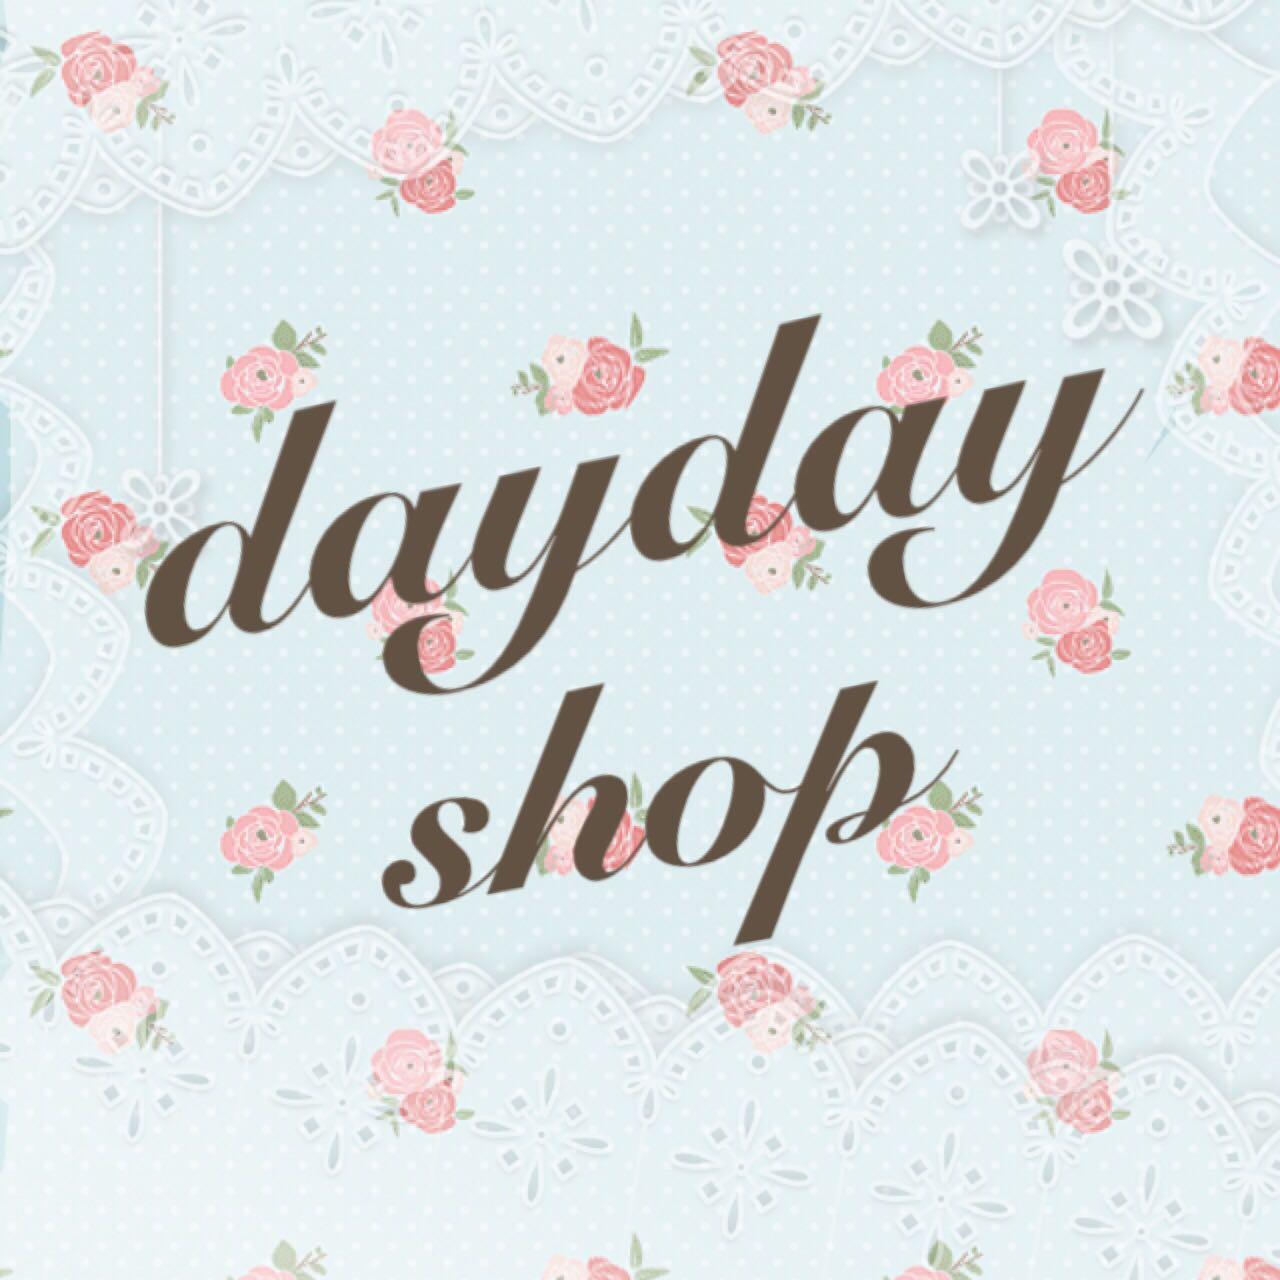 dayday_shop